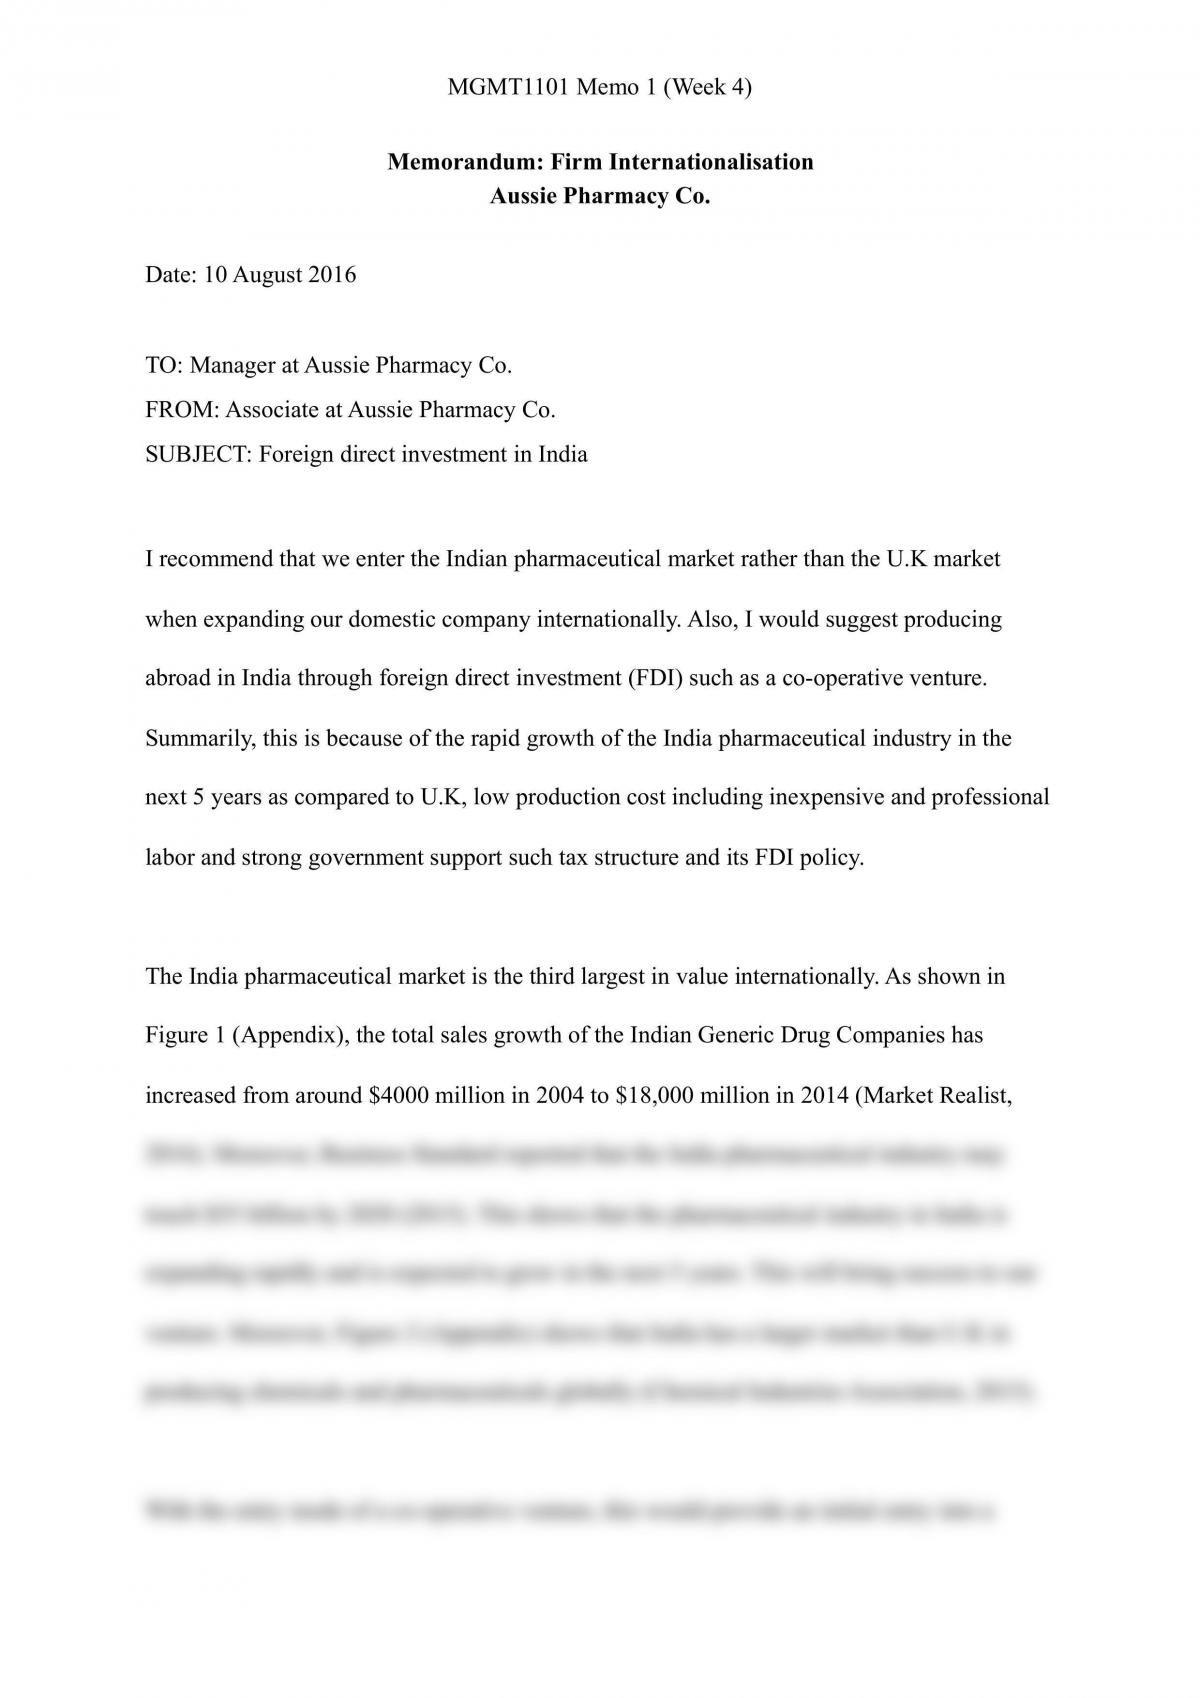 MGMT1101 Memo (Week 3) - Page 1